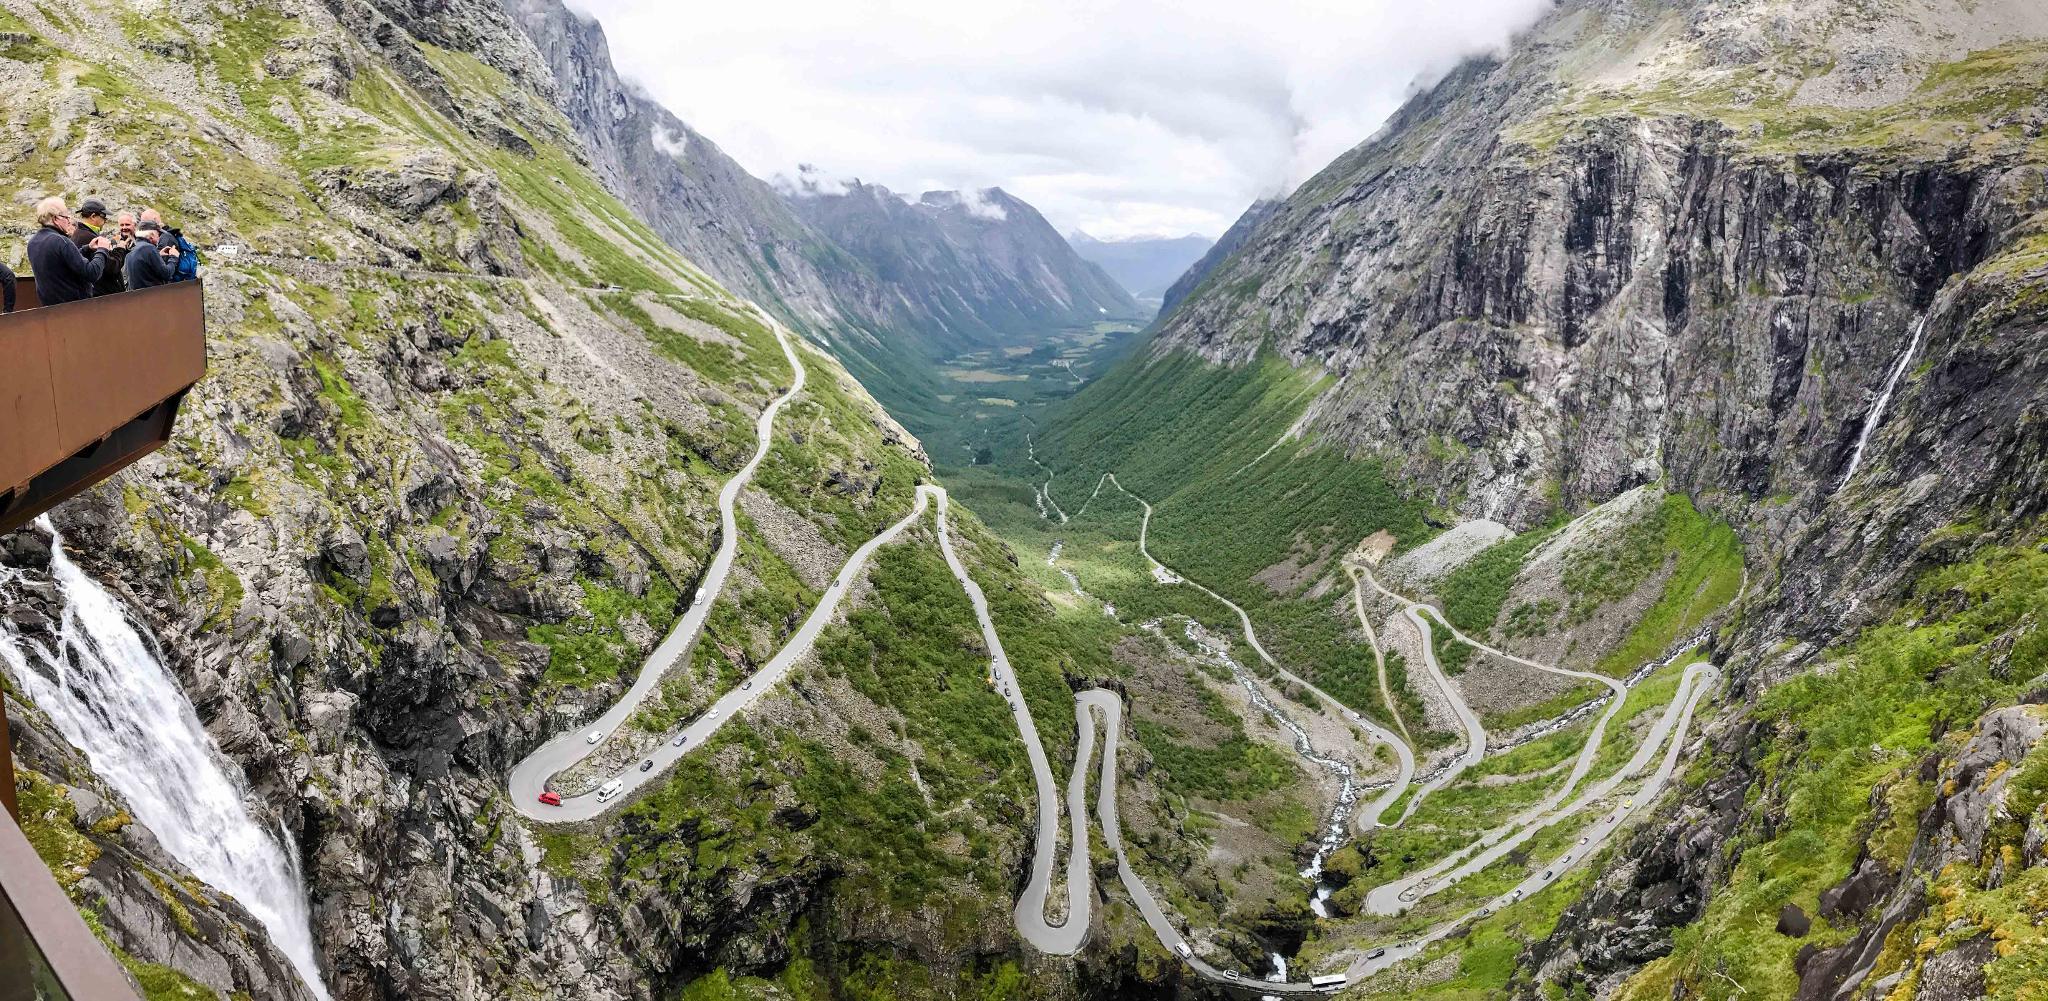 【北歐景點】Trollstigen 精靈之路 ∣ 挪威最驚險的世界級景觀公路 1